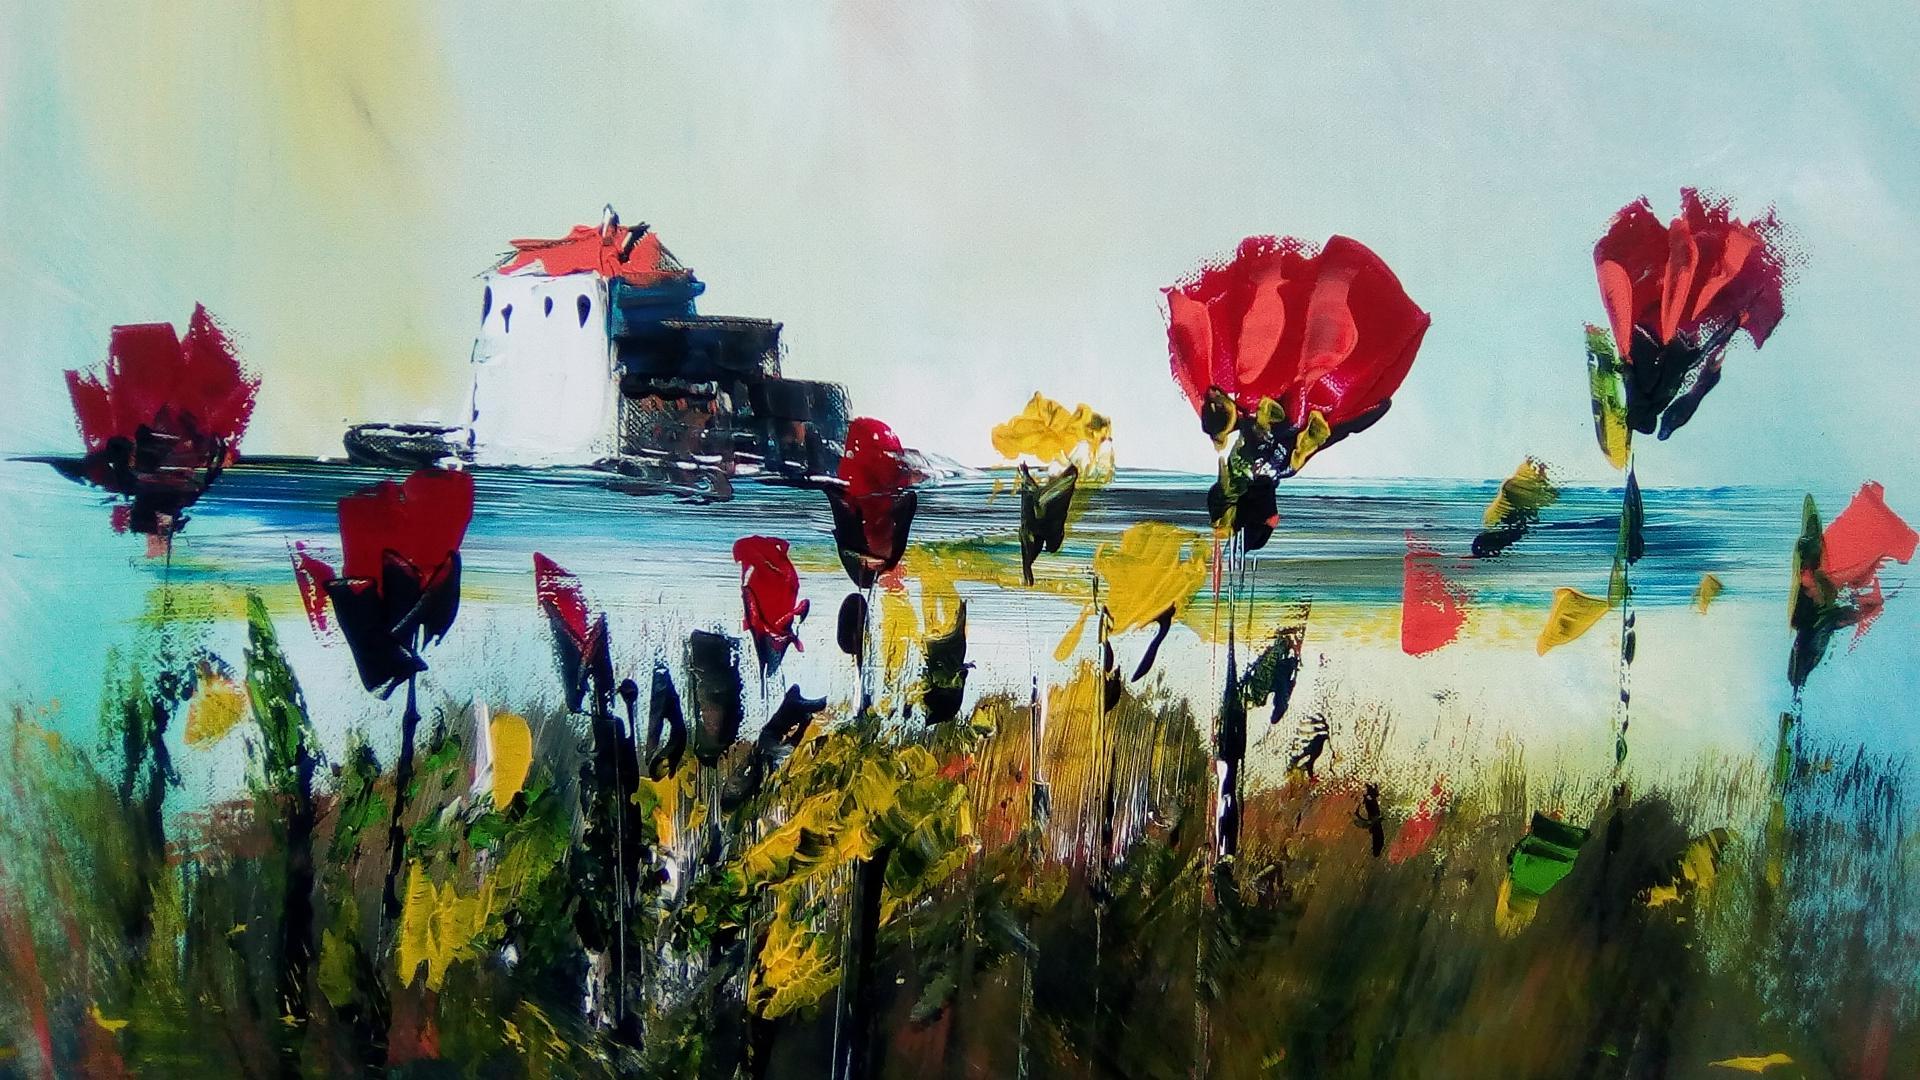 Une balade sur la côte d'Opâle au printemps avec les coquelicots